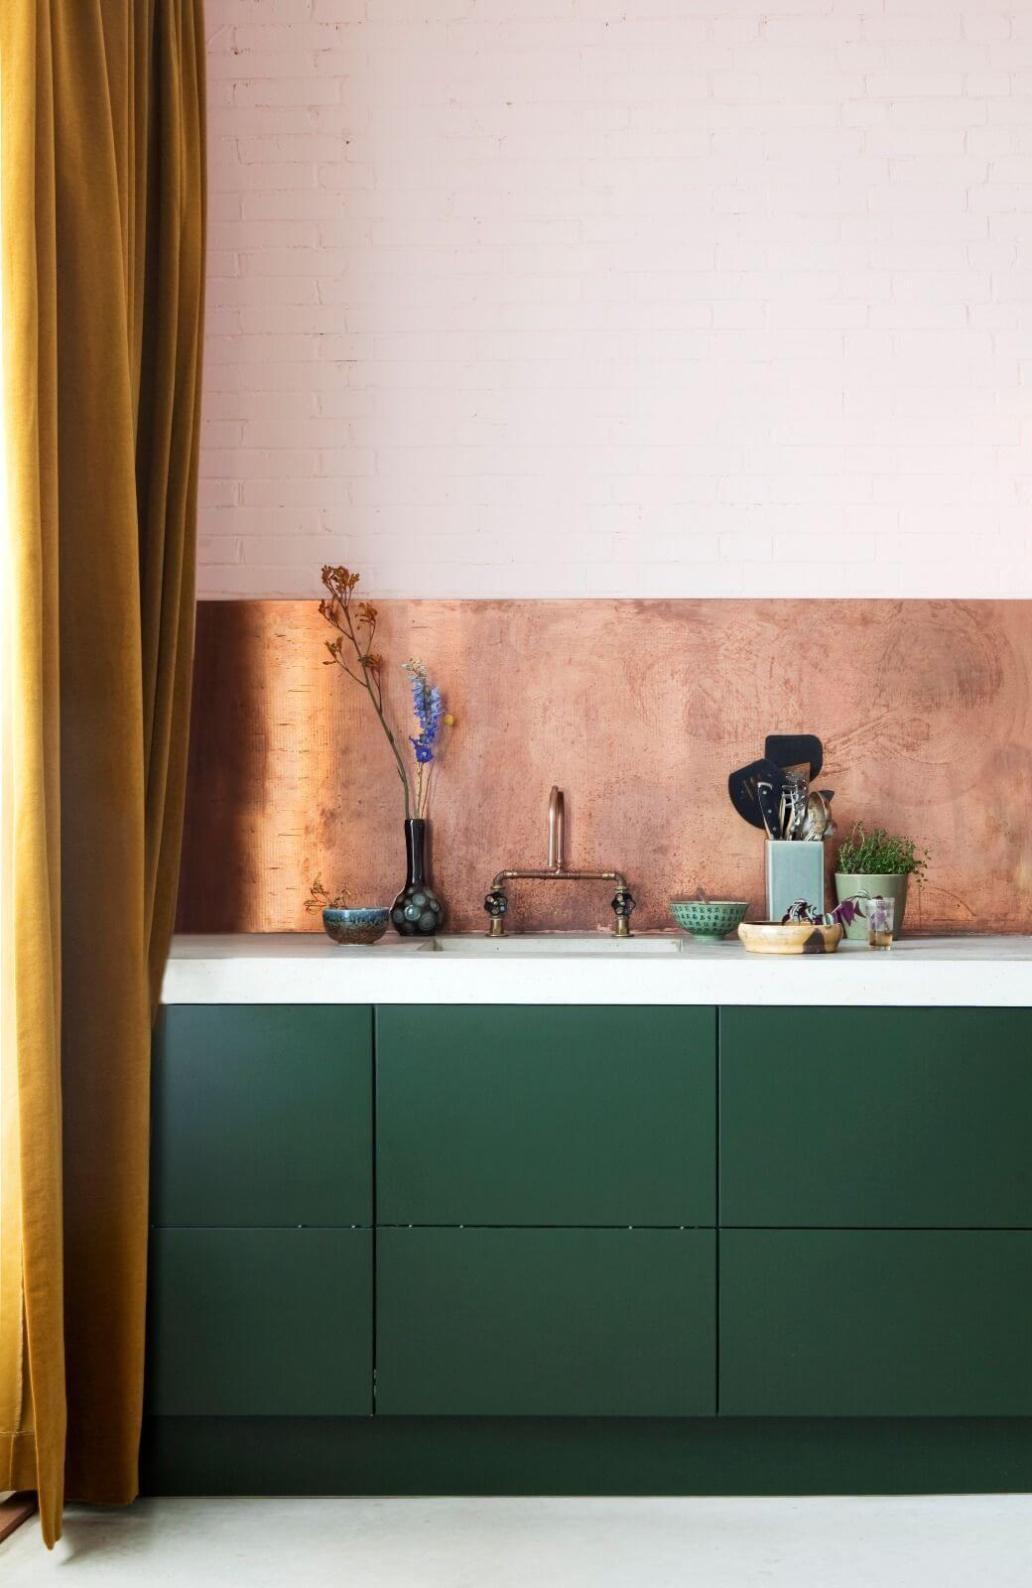 Une cuisine design coloree avec une credence en cuivre posee par un cuisiniste - Quels critères pour bien choisir son cuisiniste ?